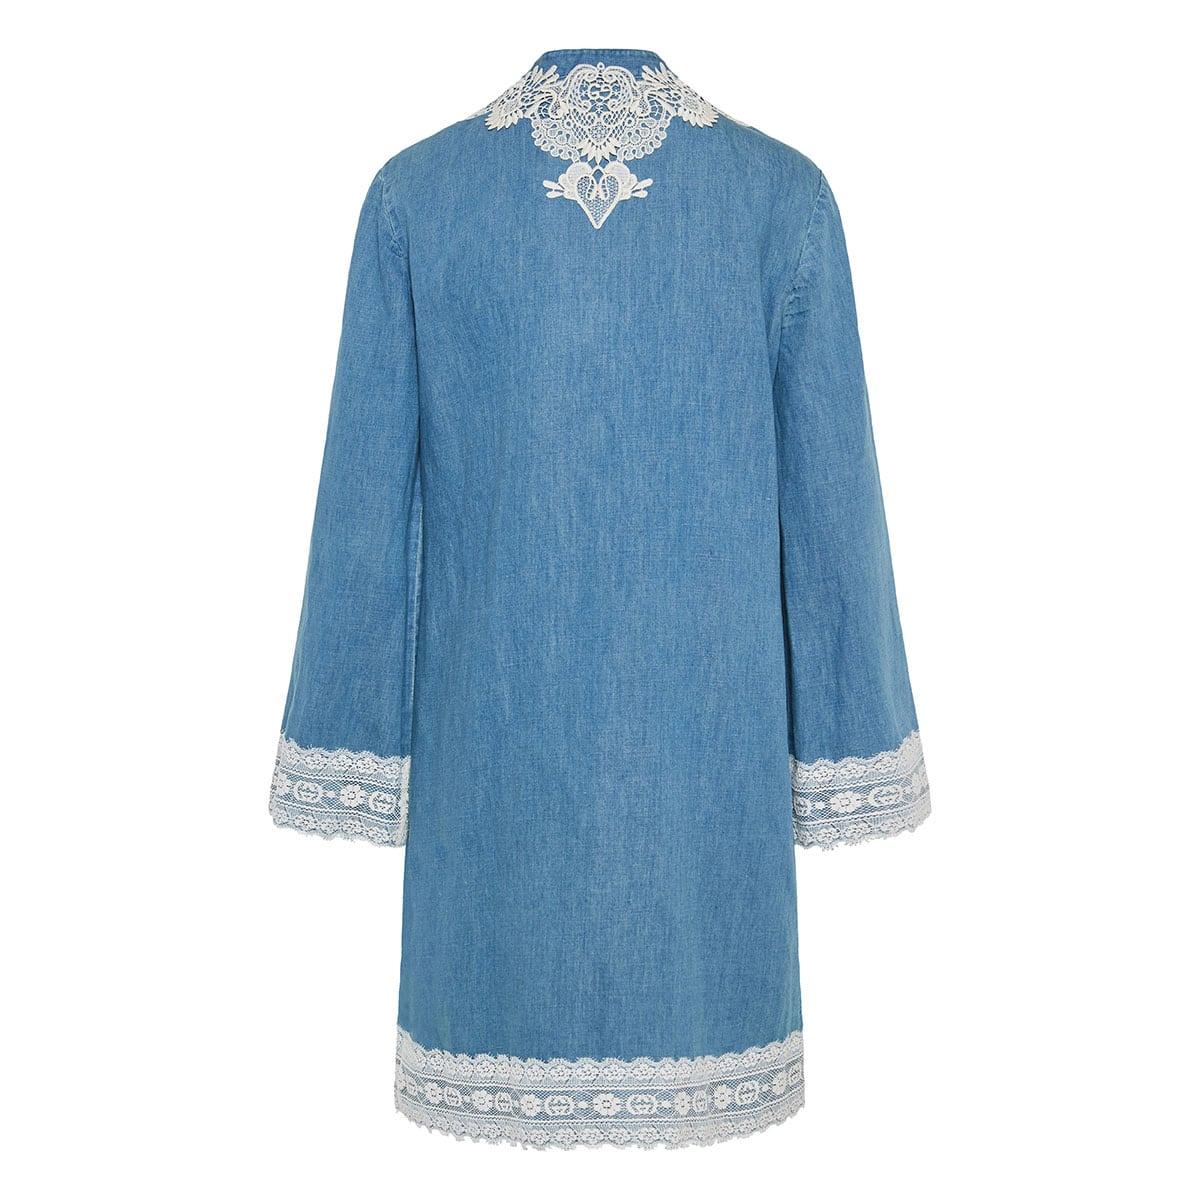 Lace-paneled denim kaftan dress